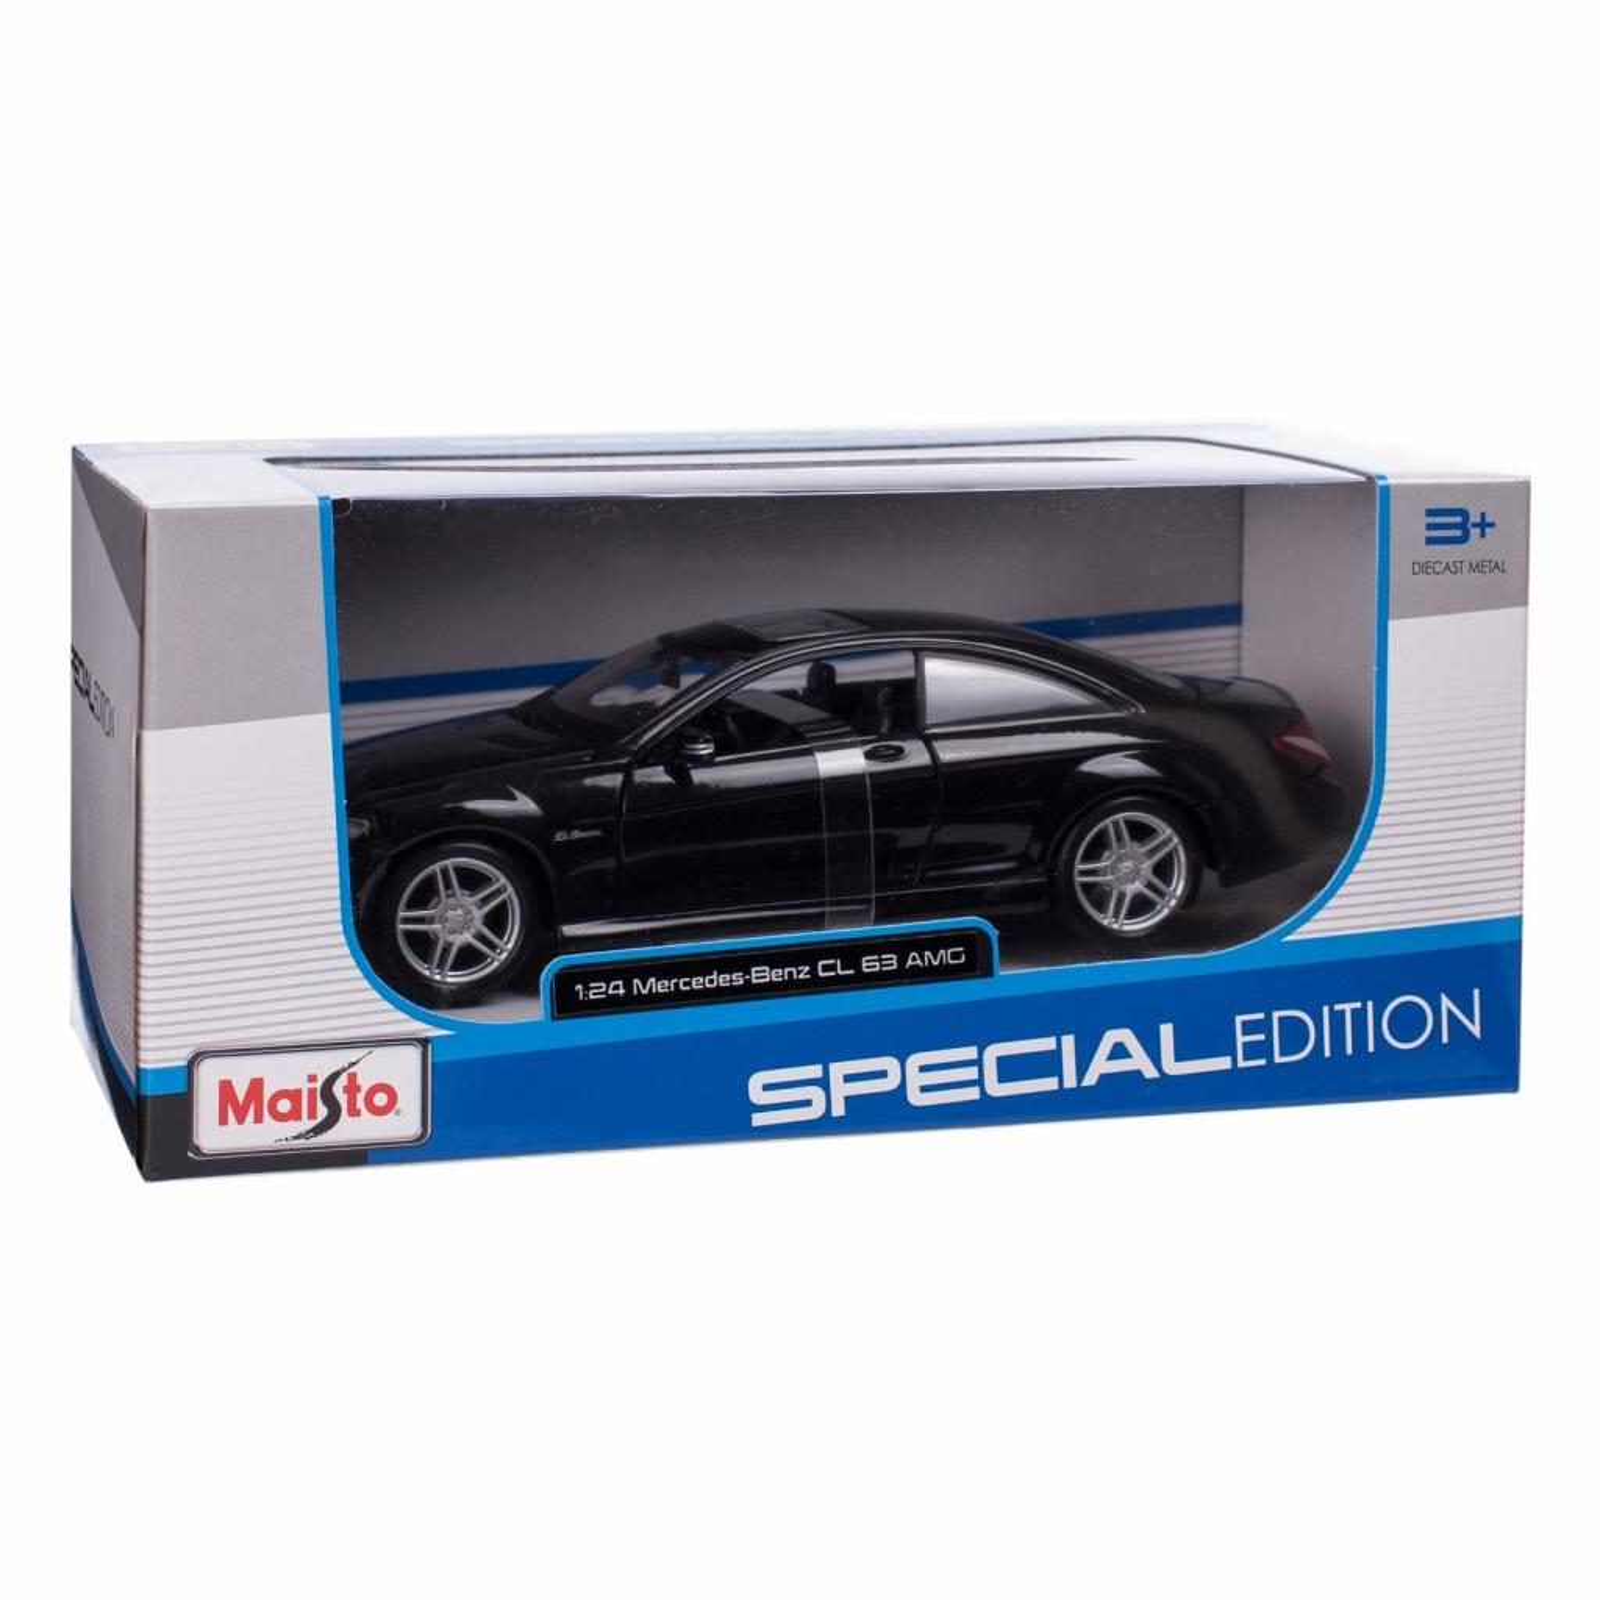 Машина Maisto Mercedes-Benz CL63 AMG (1:24) черный металлик (31297 met. black) изображение 5